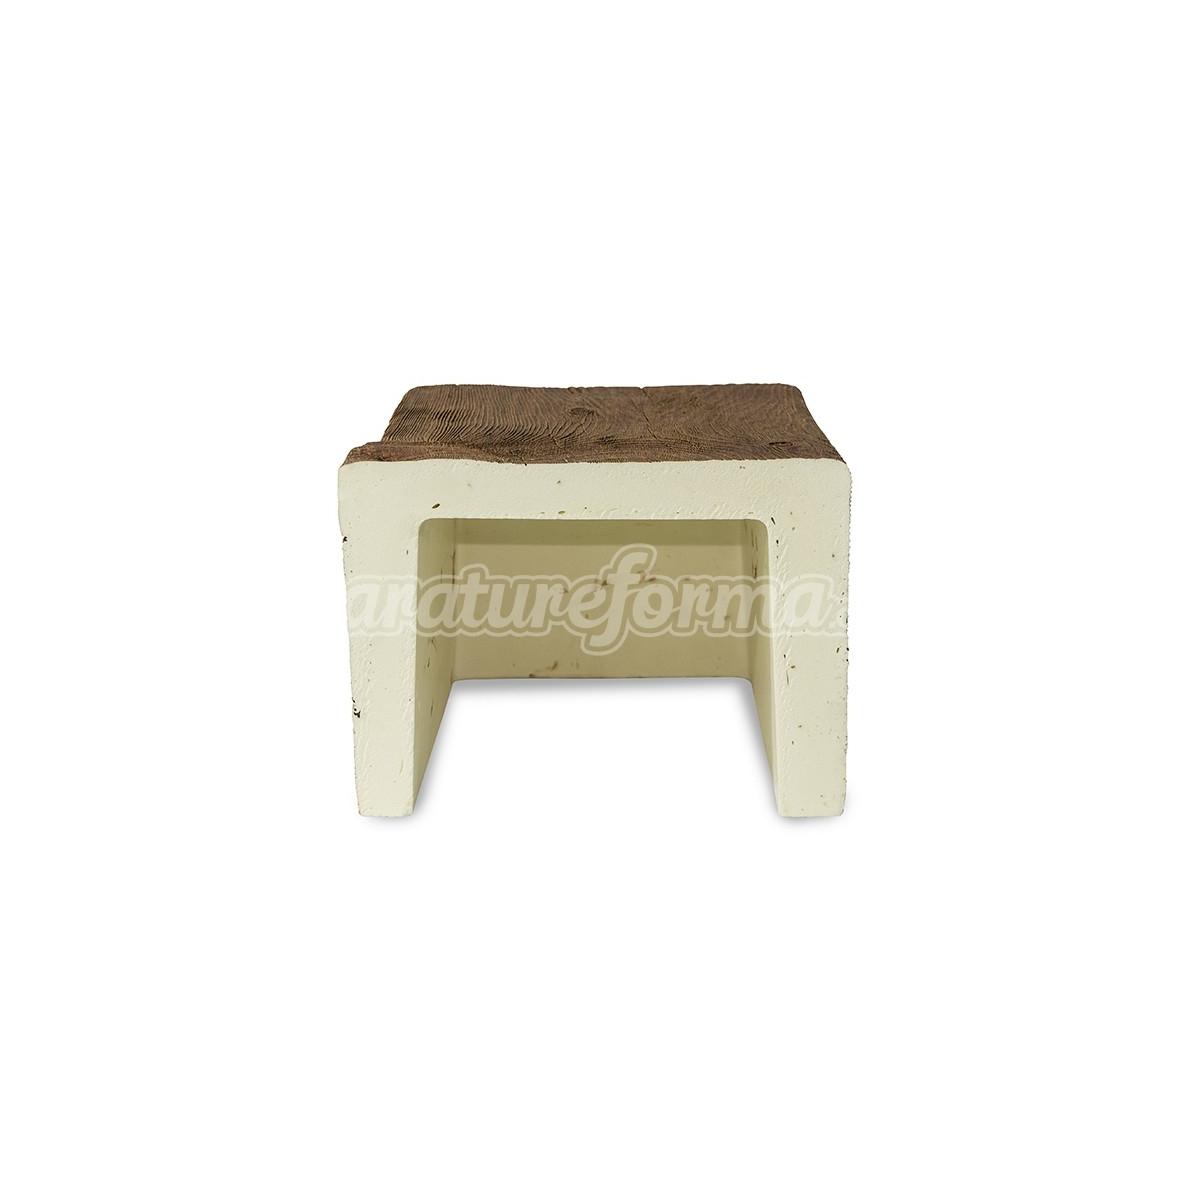 Viga 300x22,5x17,5 imitación madera Vigas imitación madera cuadradas